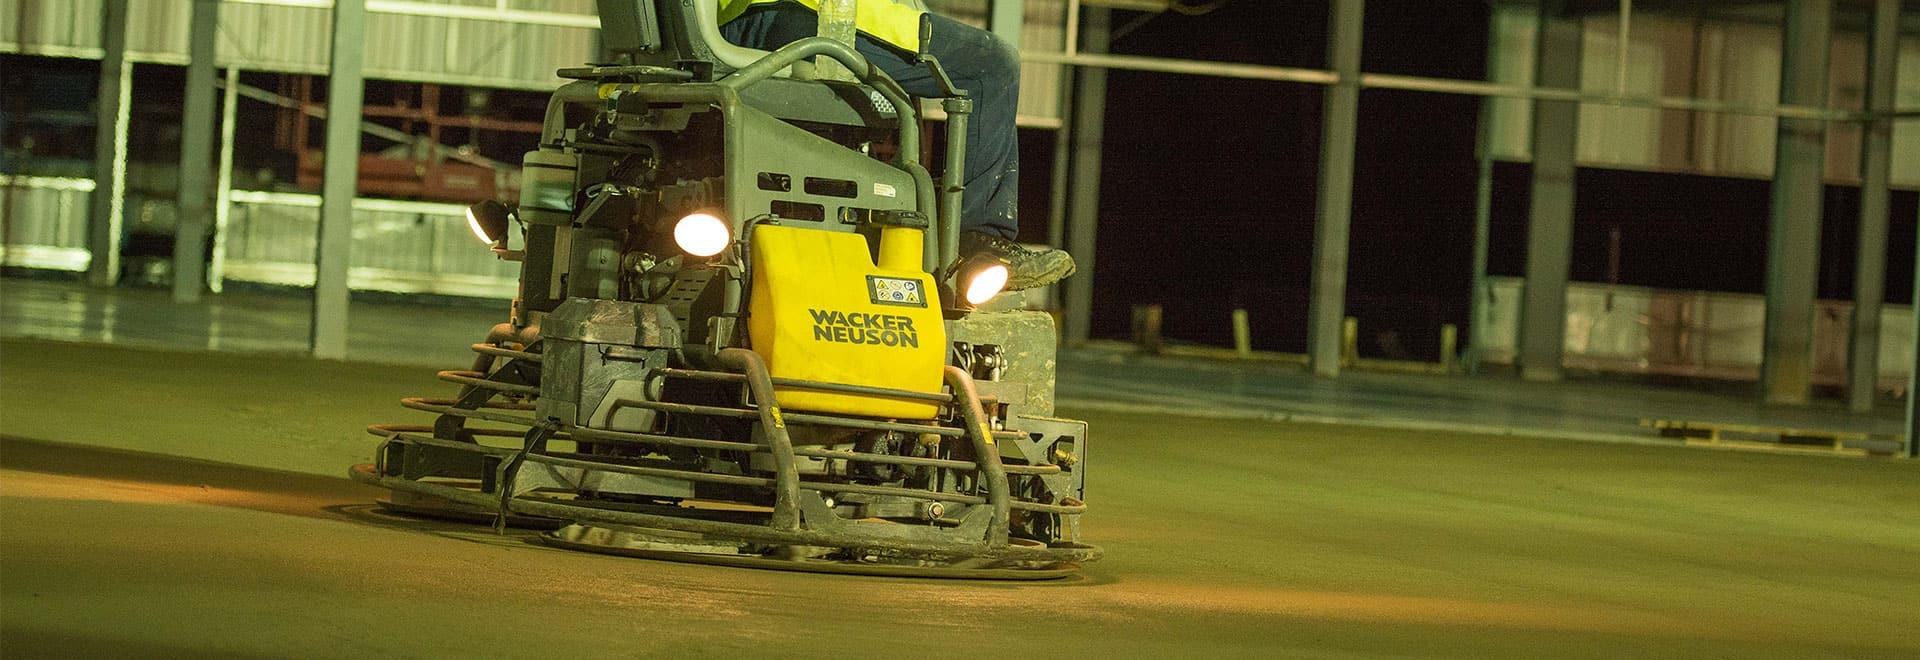 Wacker Neuson Ride On Power Trowel